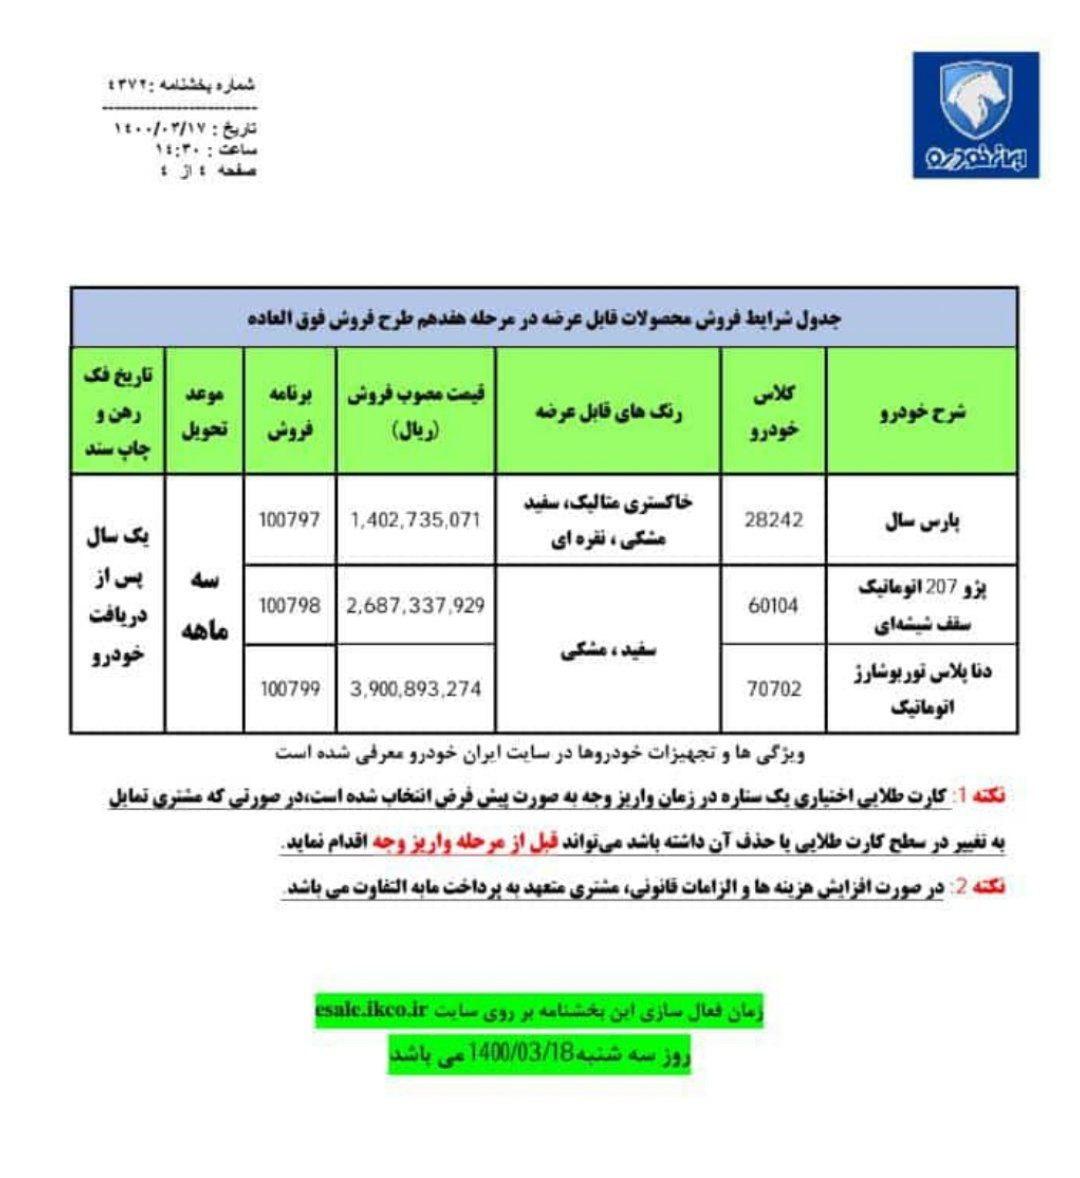 اطلاعیه شماره ۱۷ هفدهم ایران خودرو